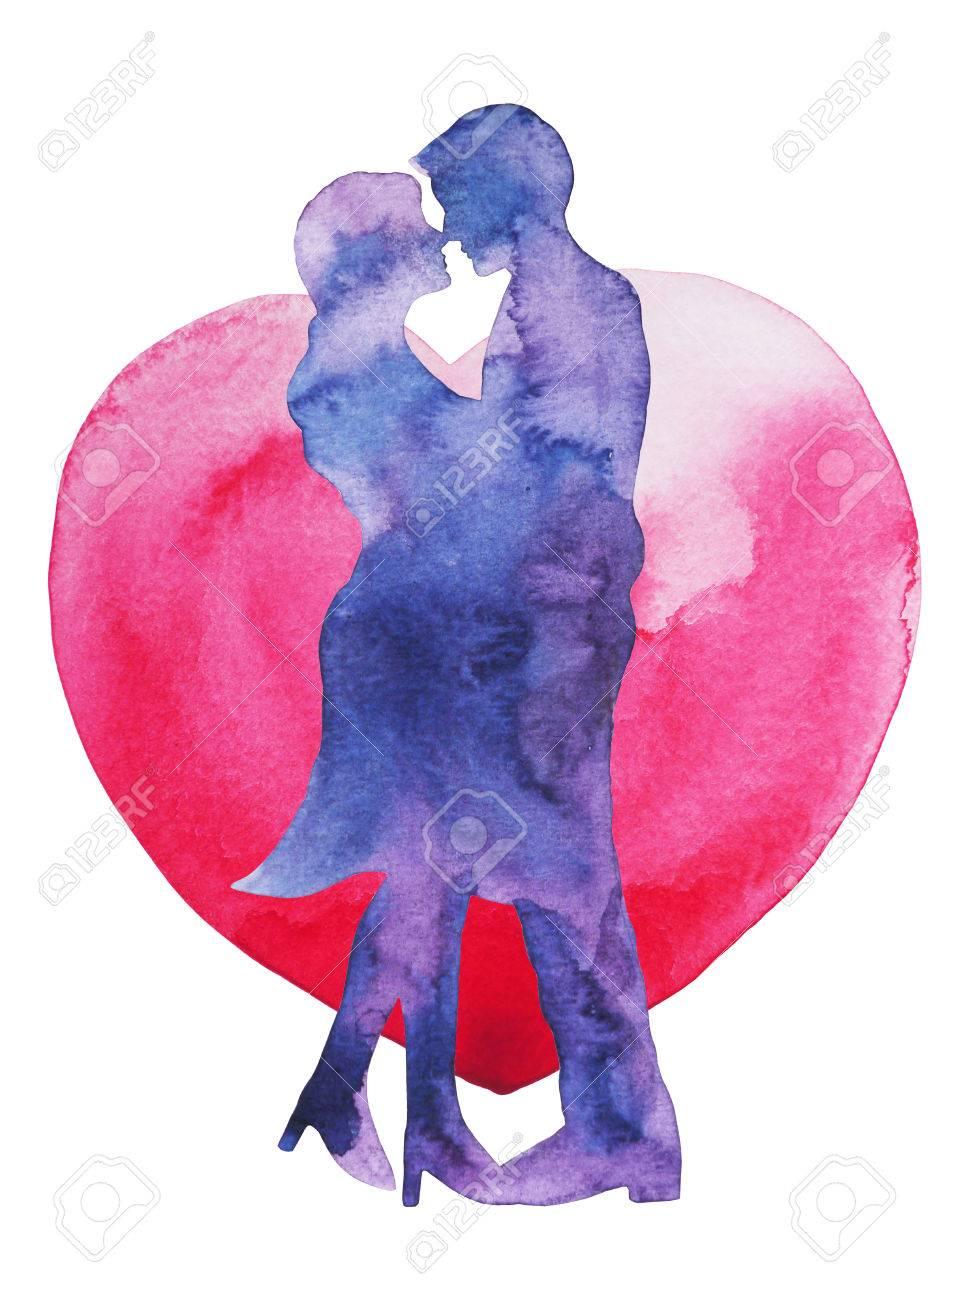 幸せなカップルの恋人の心の背景、結婚式のカードや婚約、キスに従事